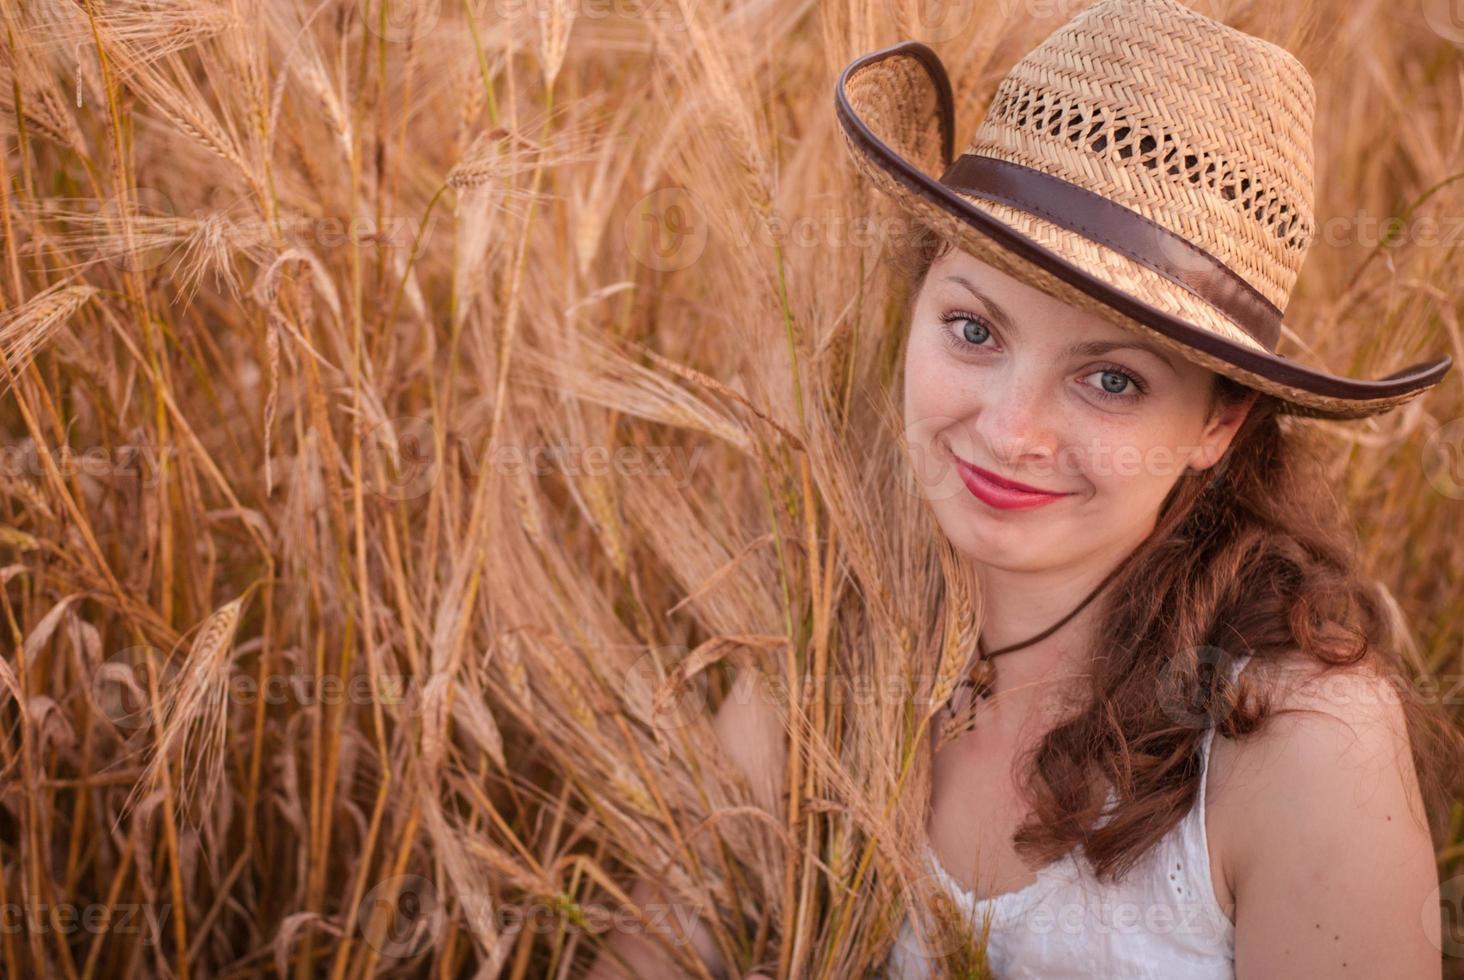 donna nel campo di grano foto